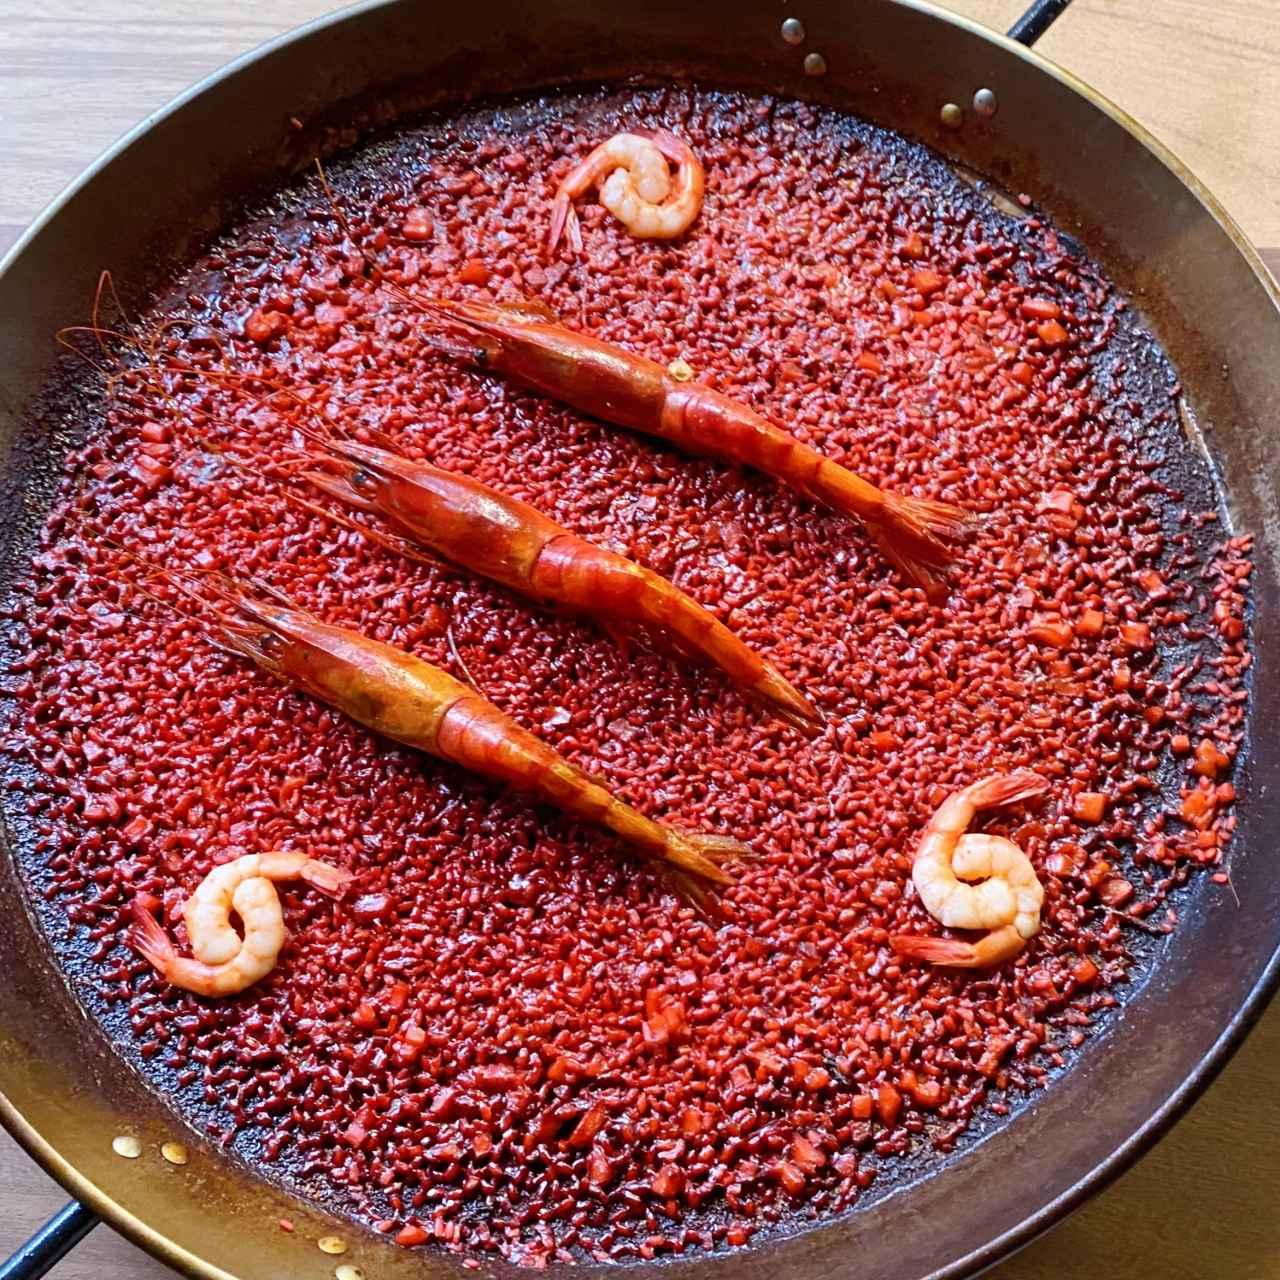 Arroz seco rojo de carabineros - Fandango